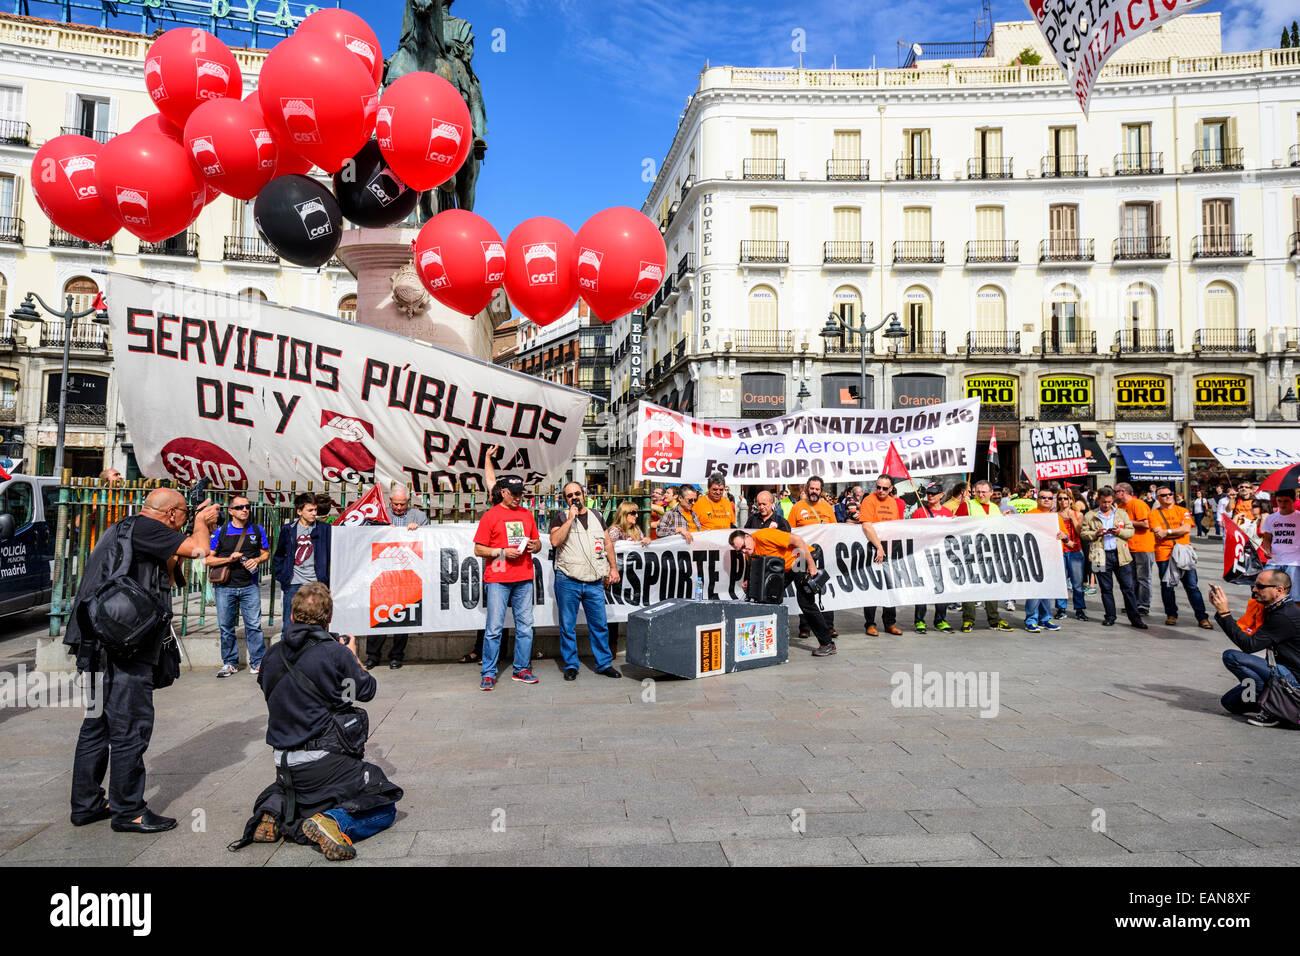 La foule à la Puerta del Sol Plaza protester contre la privatisation des entreprises exploitant de l'aéroport Photo Stock